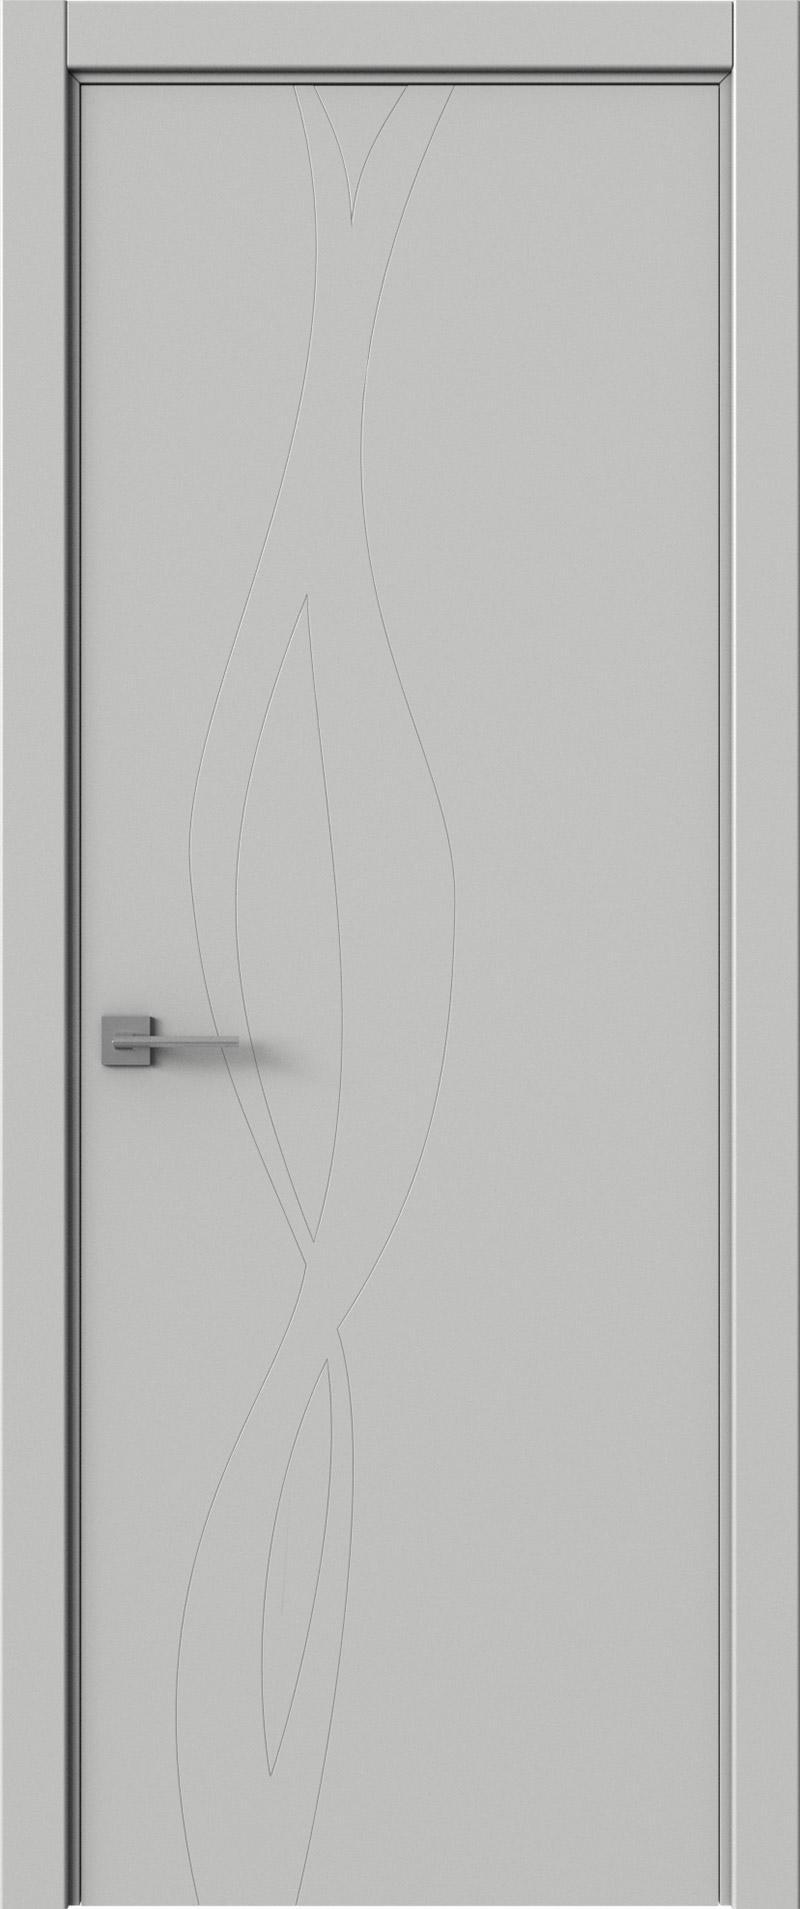 Tivoli Г-5 цвет - Серая эмаль (RAL 7047) Без стекла (ДГ)